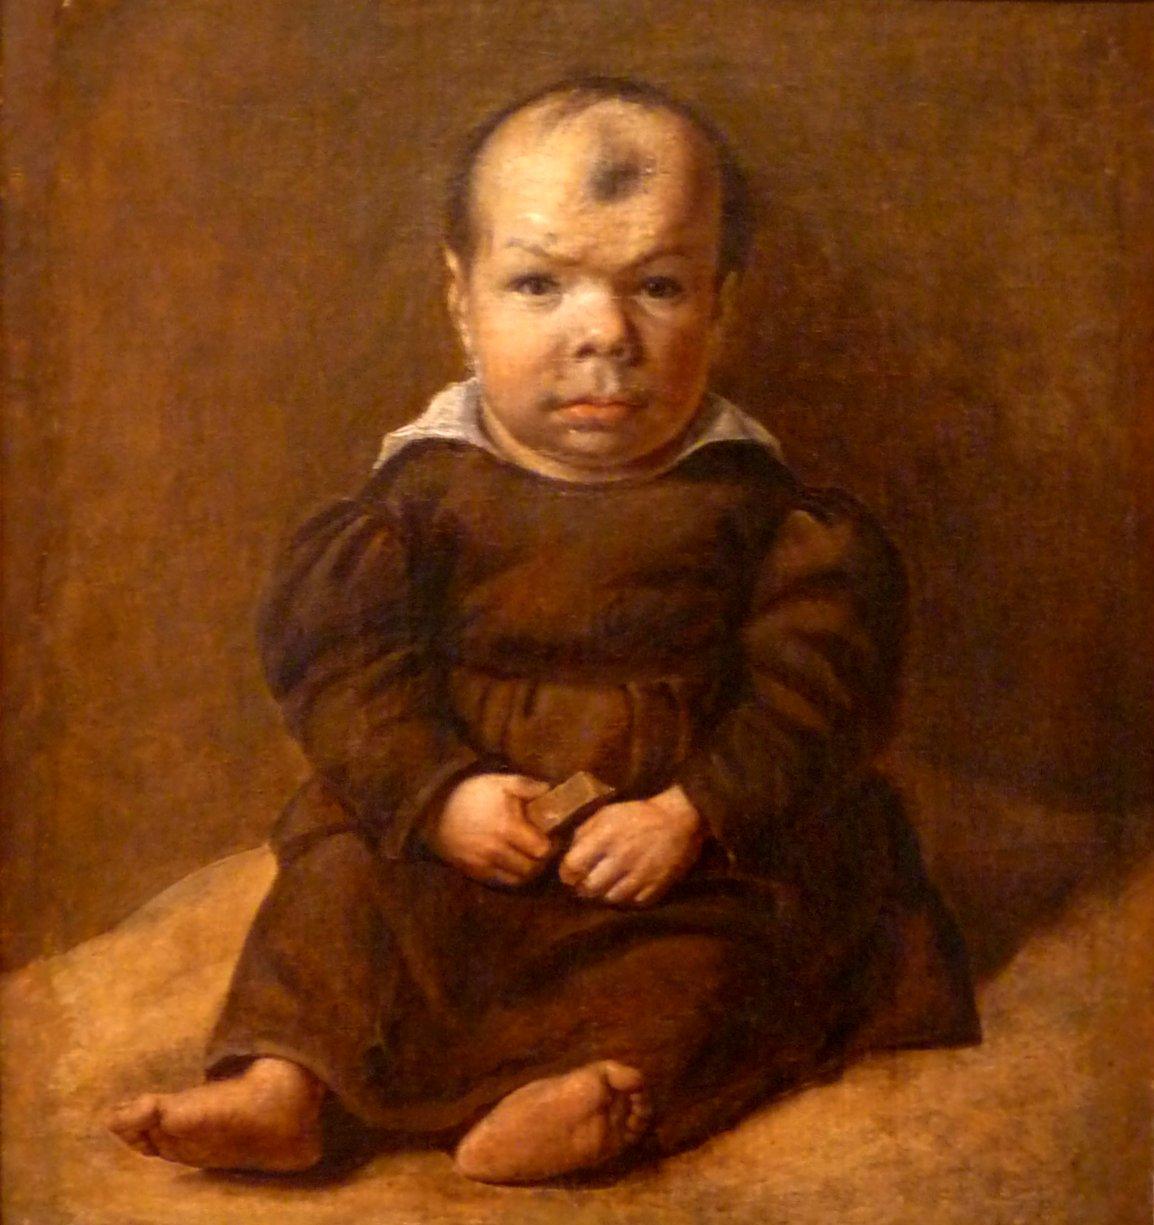 Dwarf midget definition